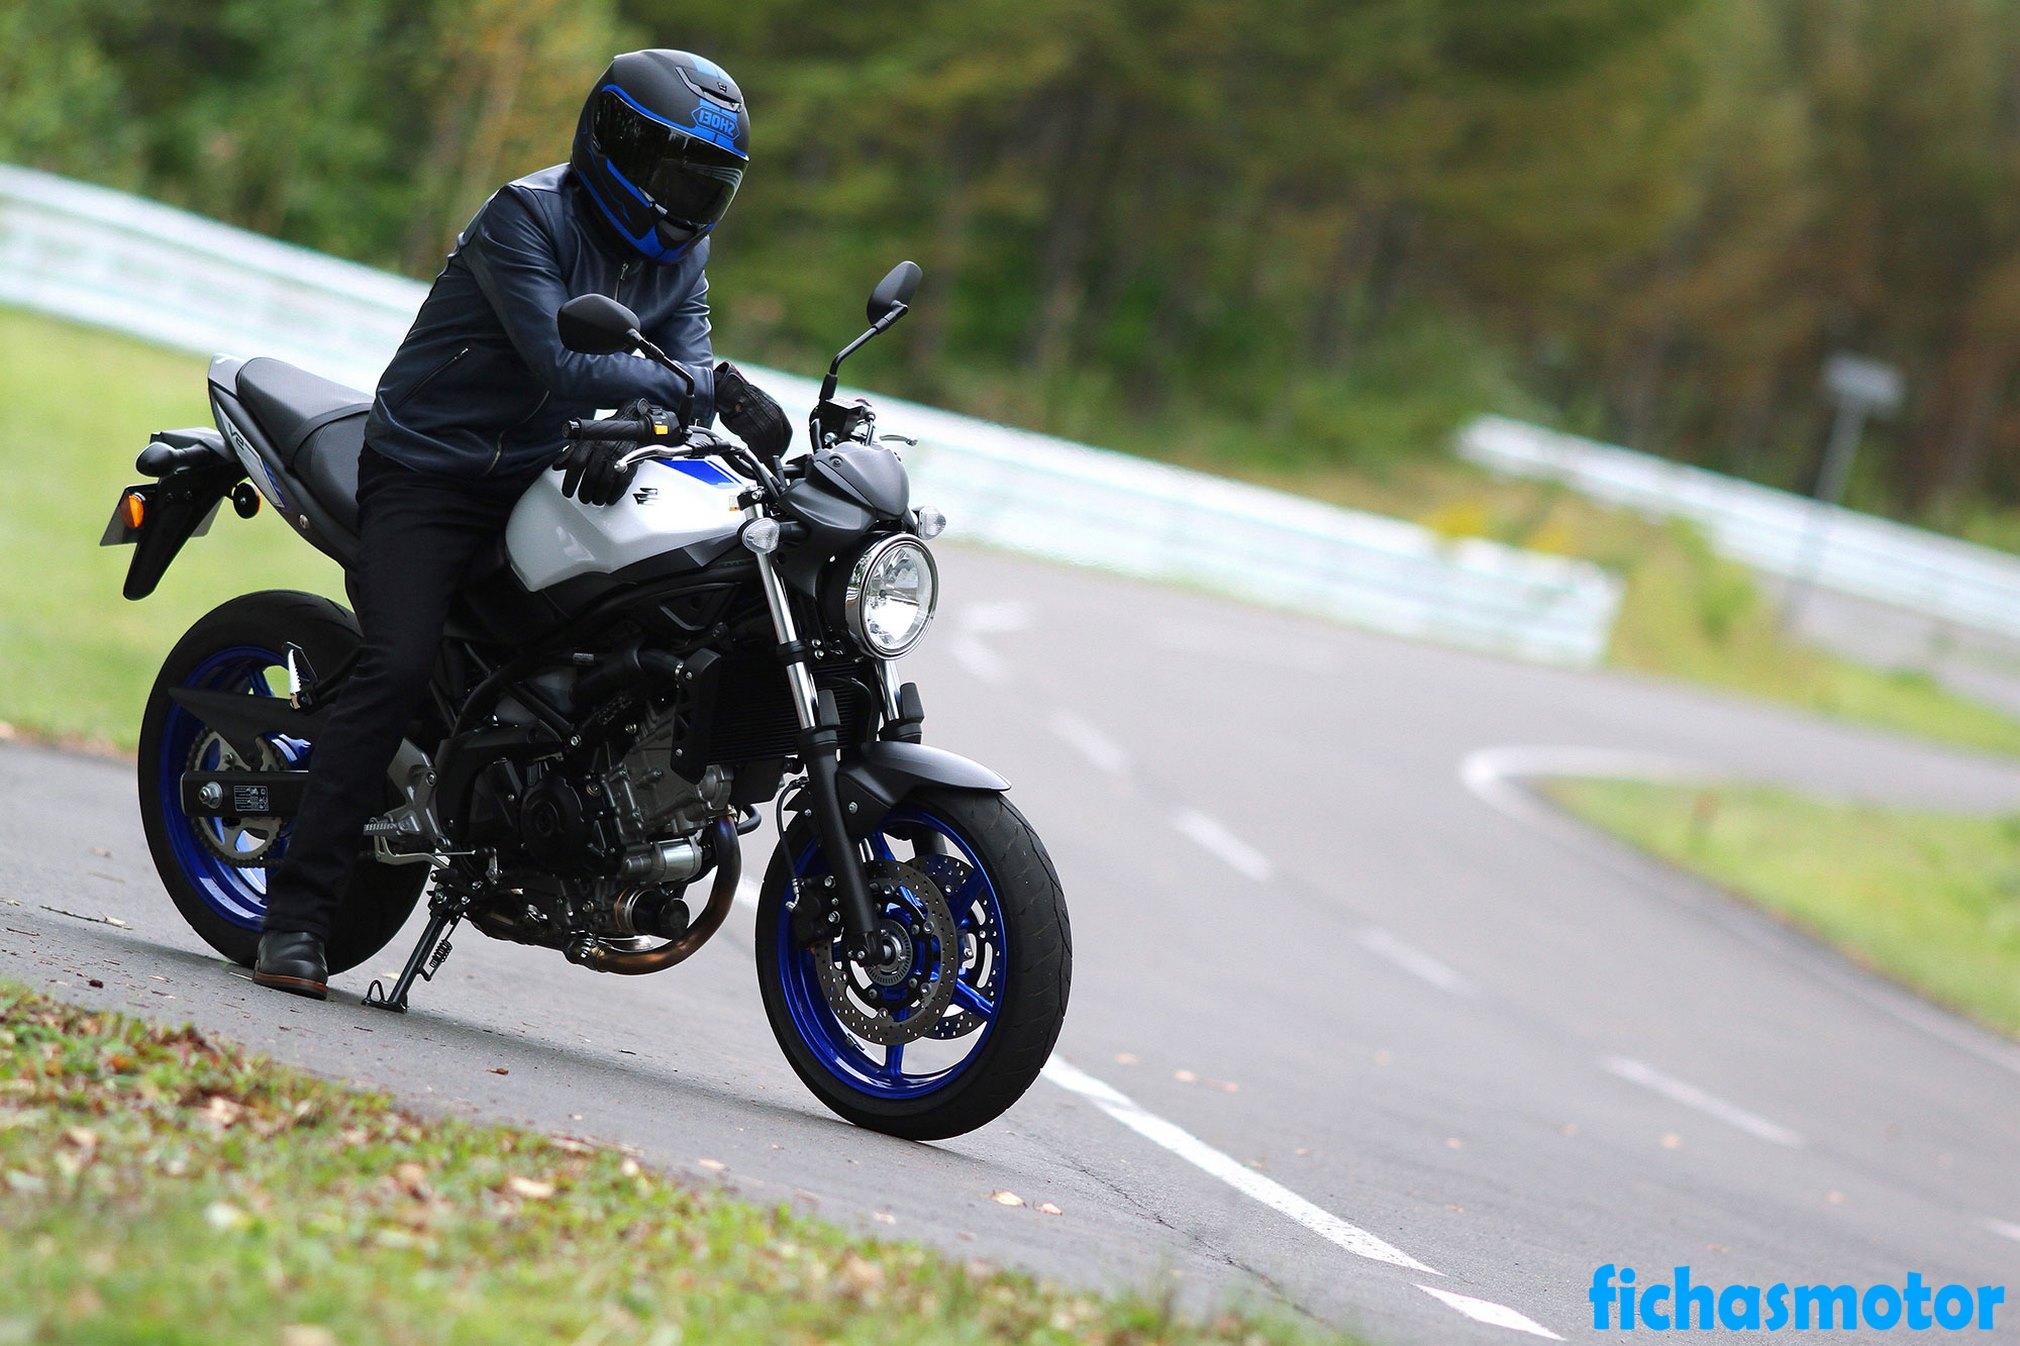 Imagen moto Suzuki SV650 año 2019